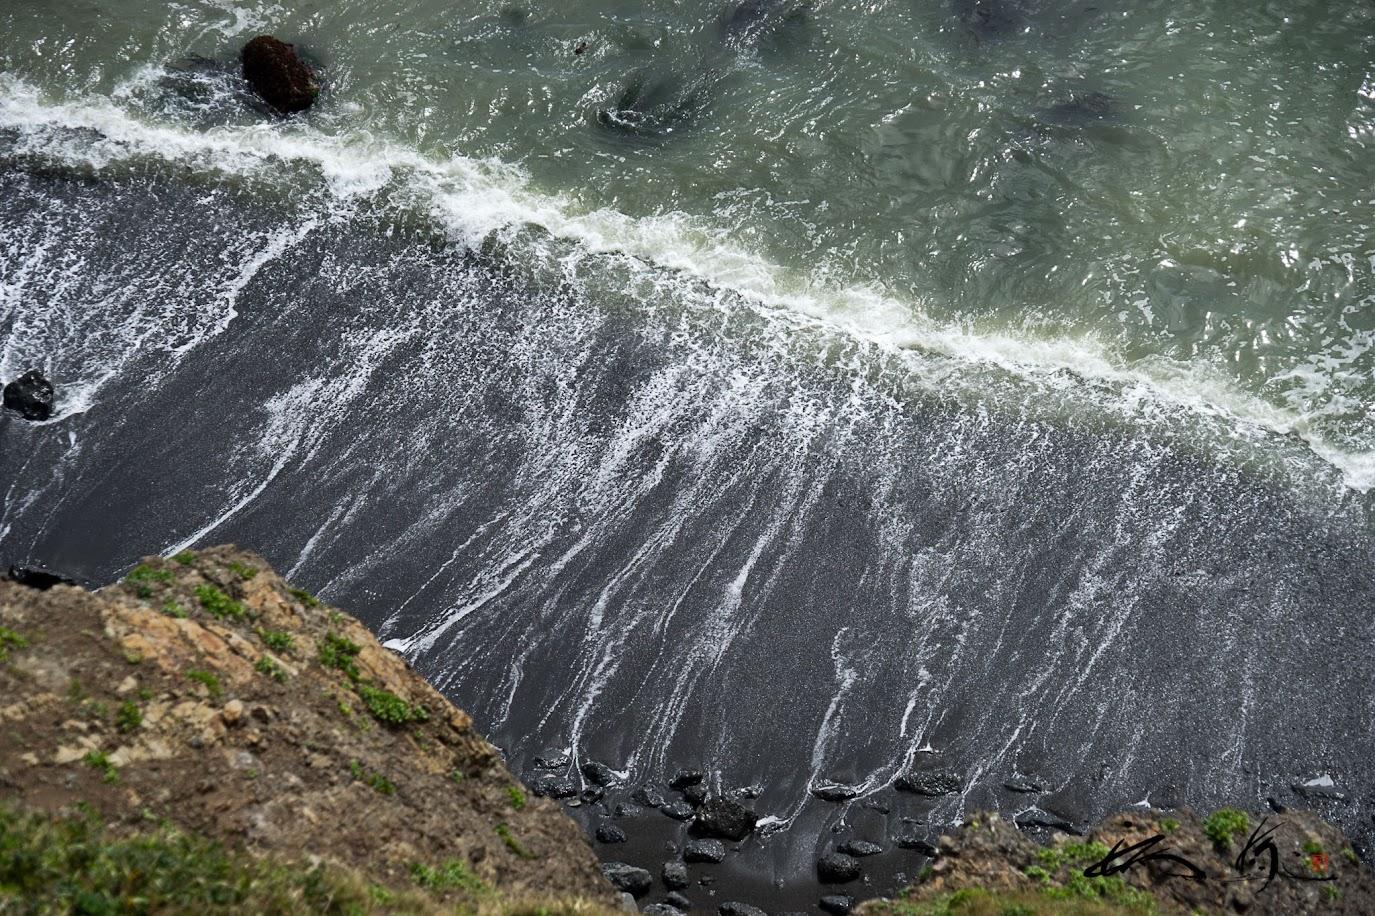 打ち寄せる波の力強さを感じながら・・・